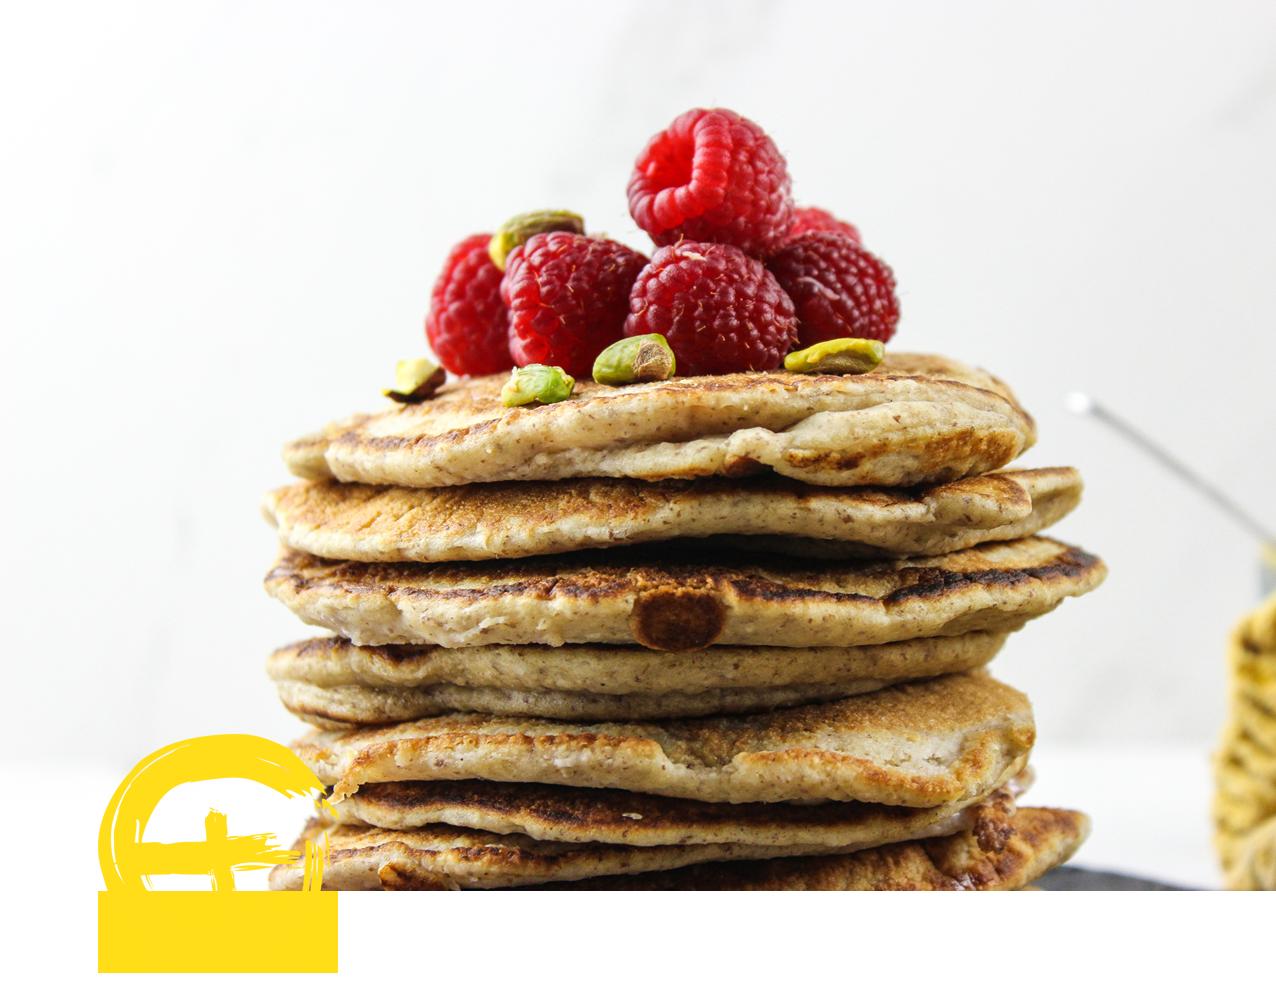 image pancake day gluten free vegan.png